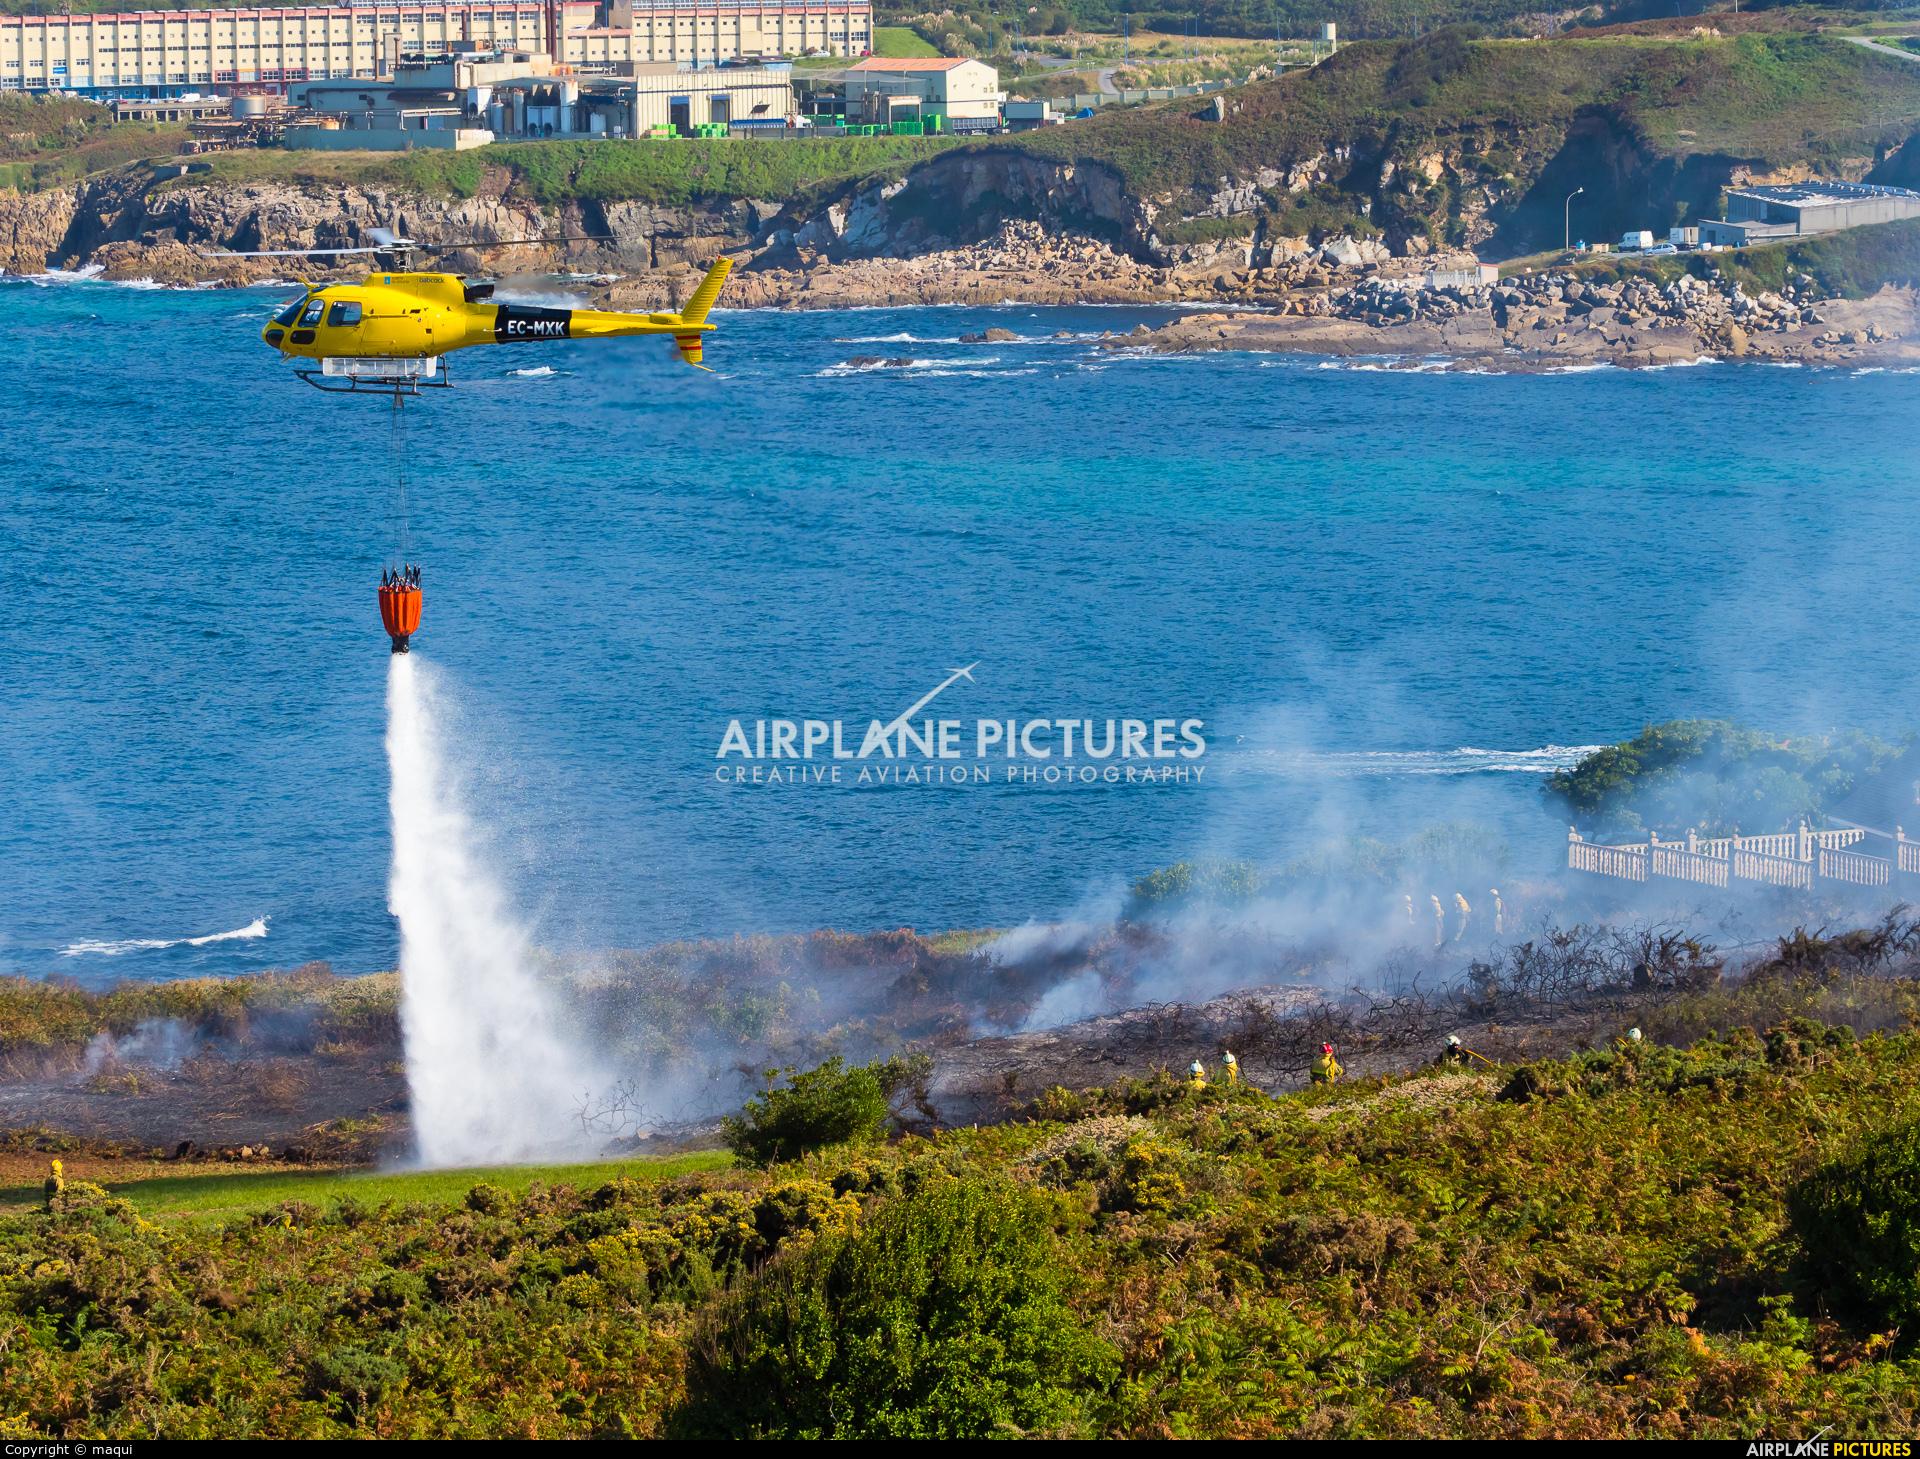 Babcock M.C.S. Spain EC-MXK aircraft at La Coruña - Off Airport